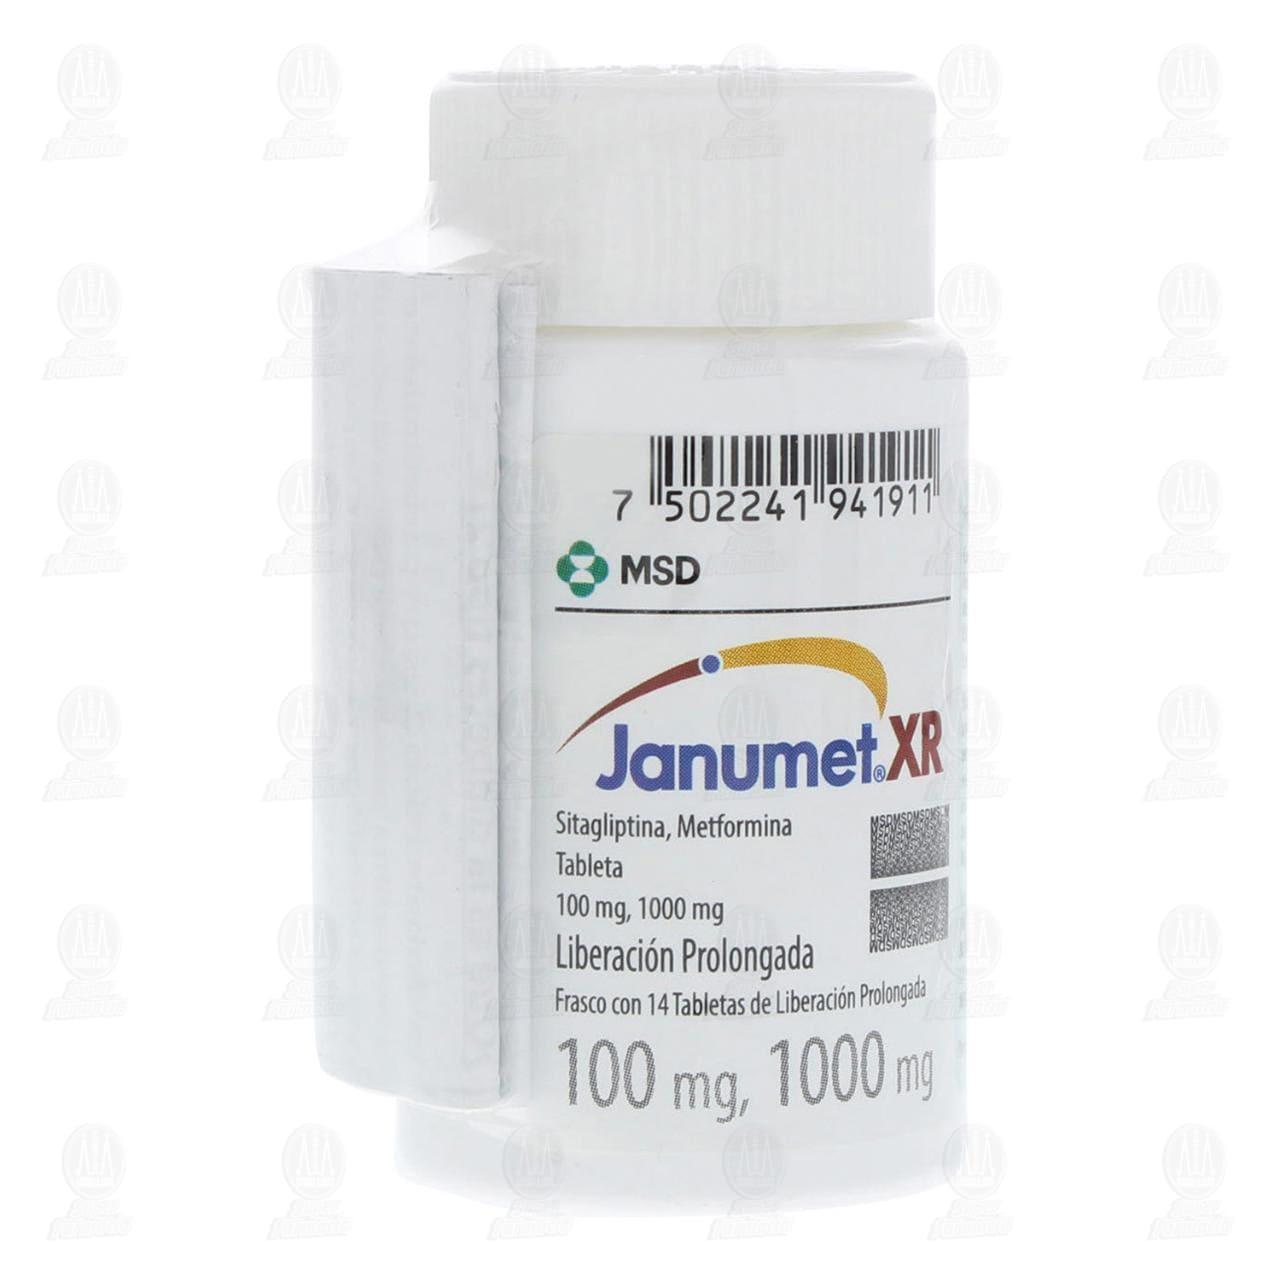 Comprar Janumet XR 100/1000mg 14 Tabletas Liberación Prolongada en Farmacias Guadalajara